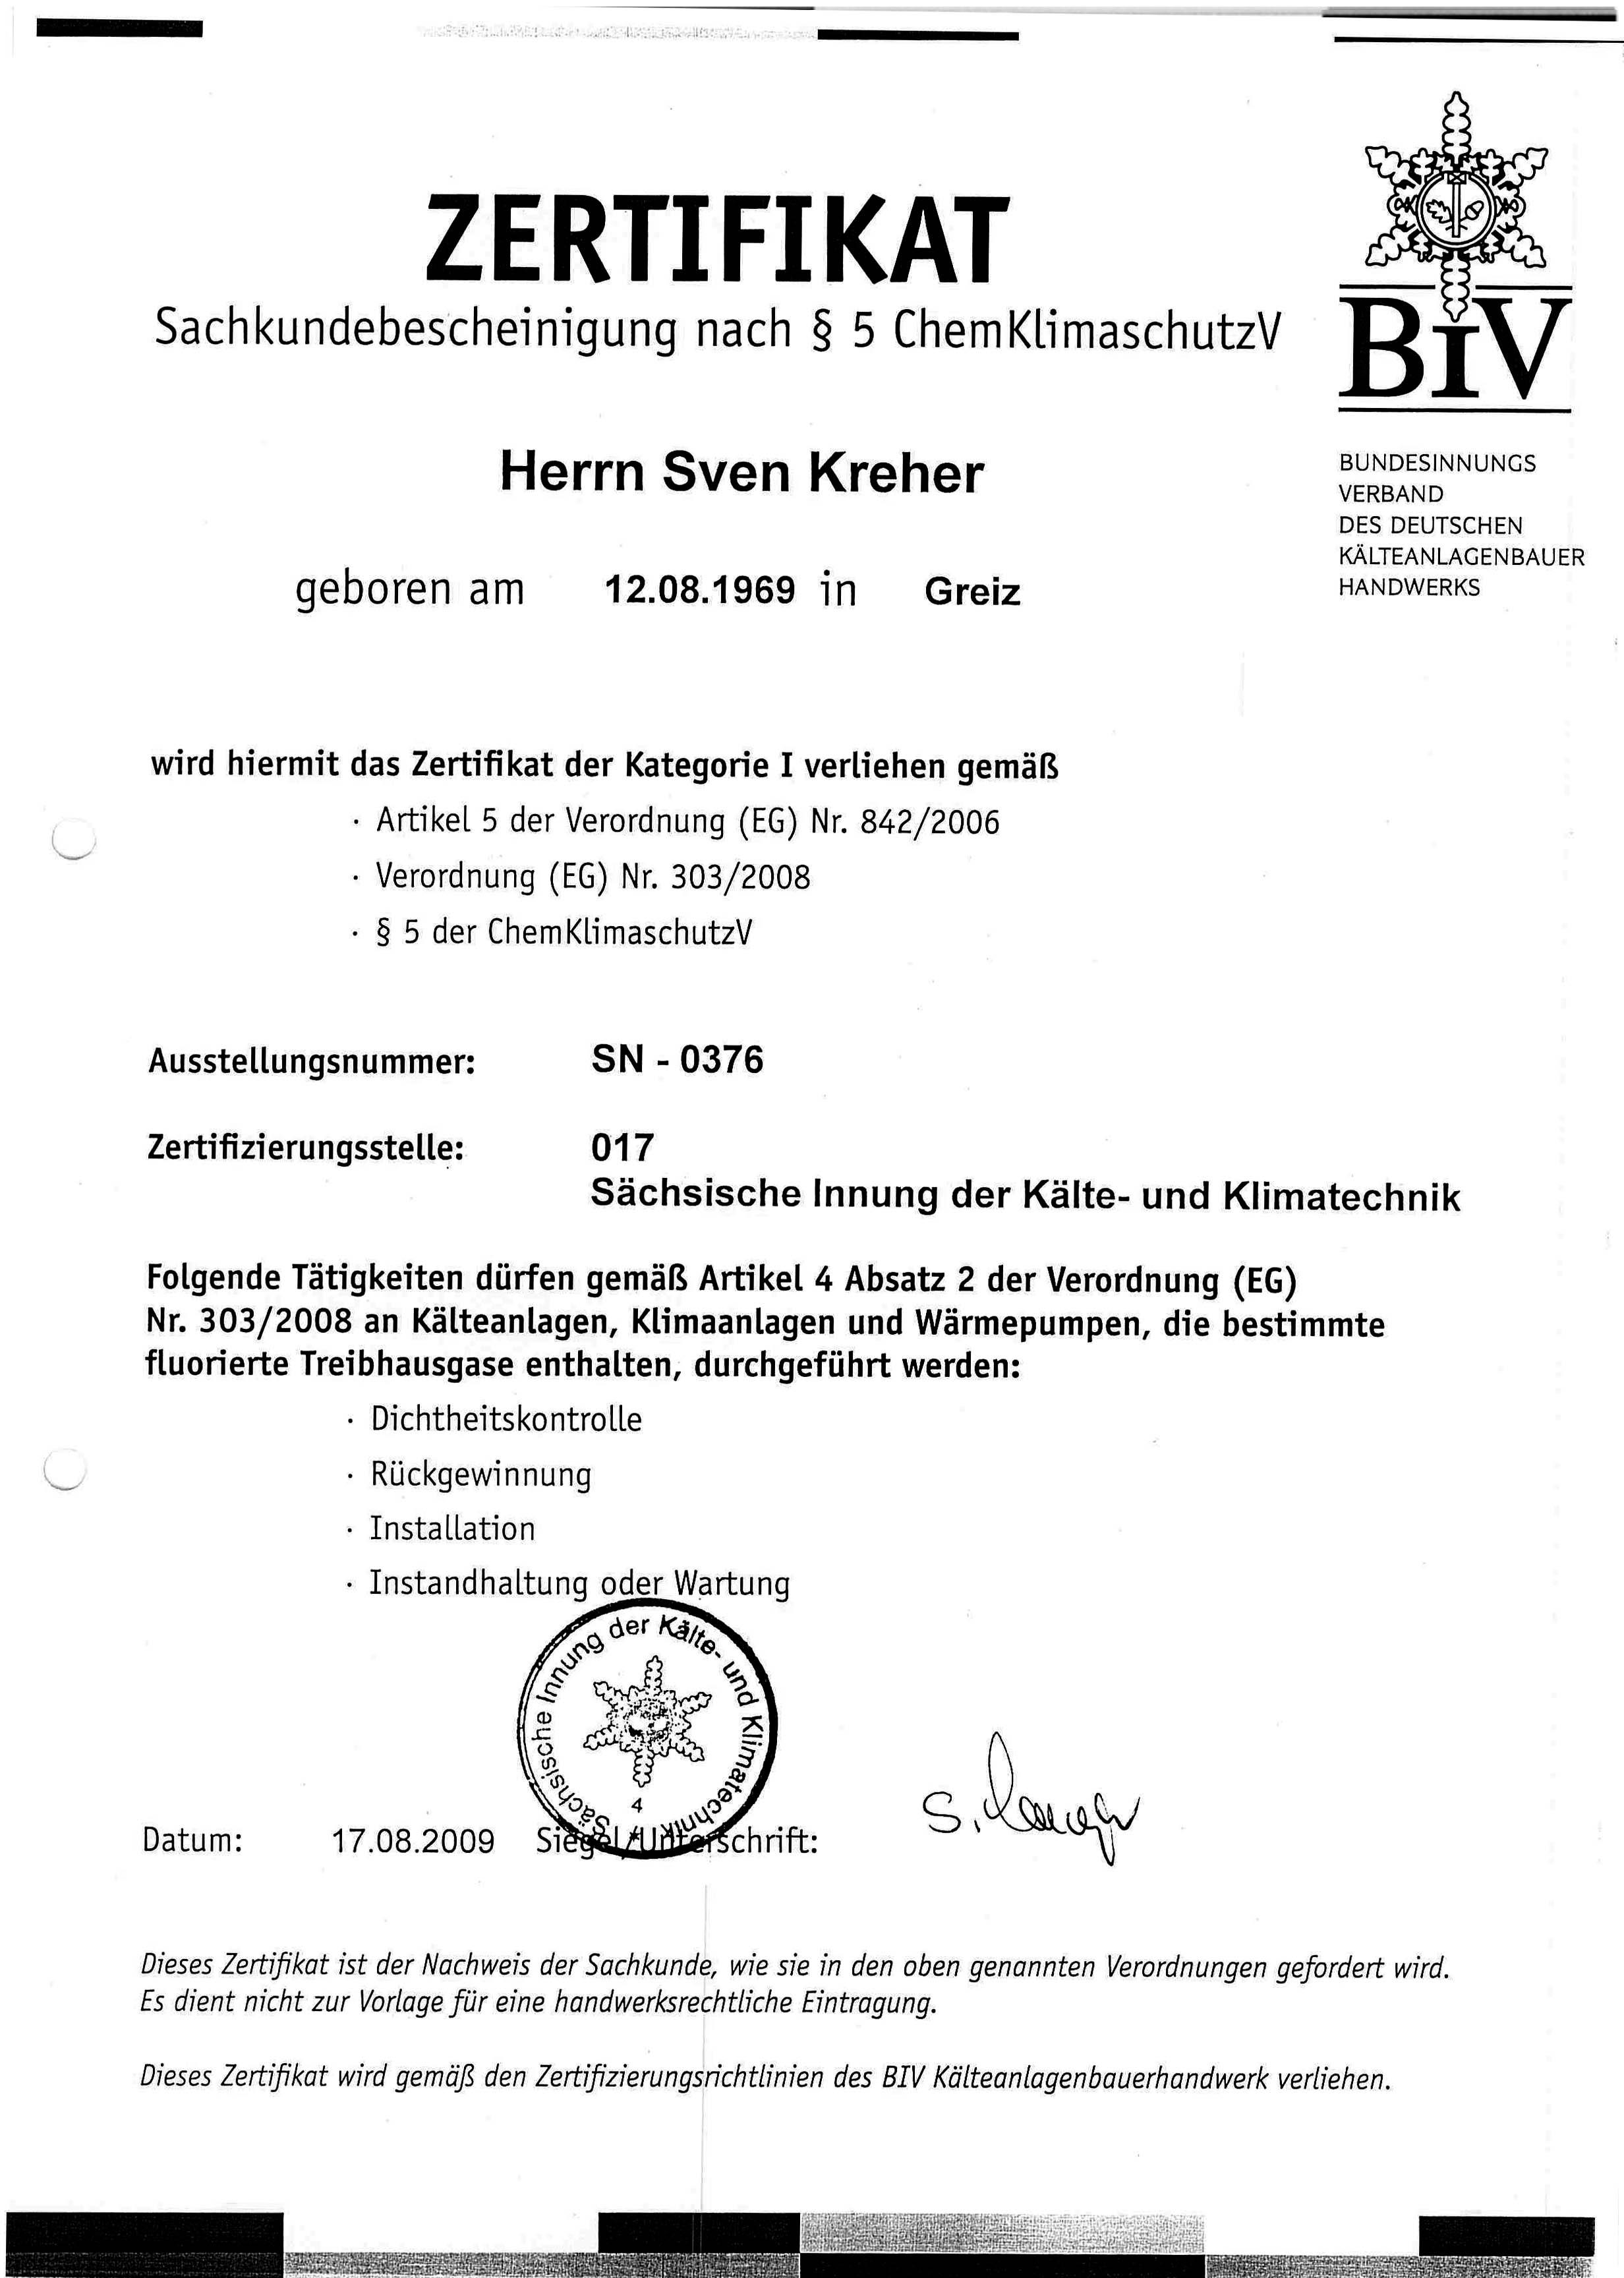 Sachkundebescheinigung nach § 5-ChemklimaschutzV Sven Kreher